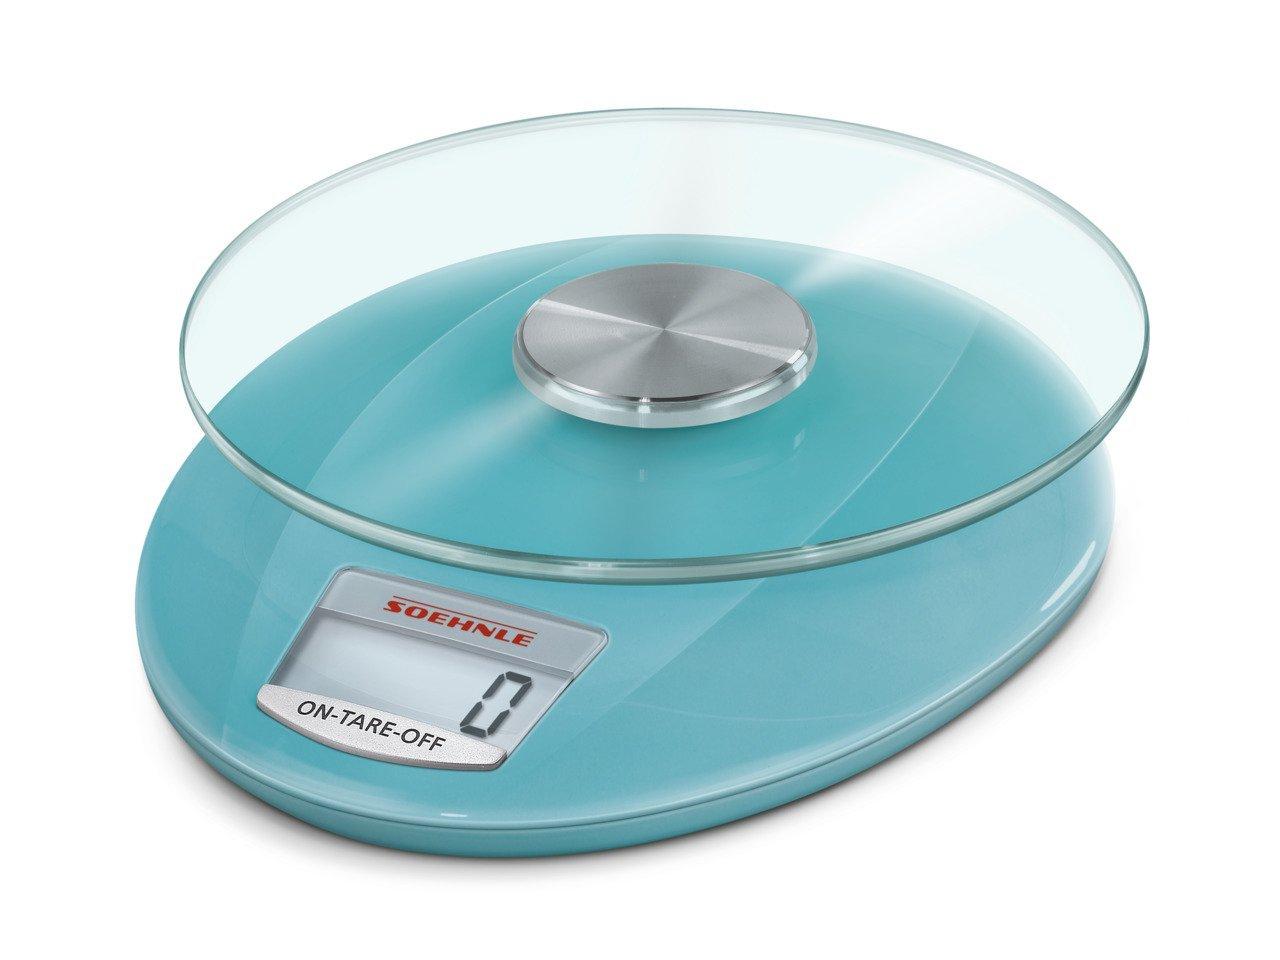 [mediamarkt] SOEHNLE 65859 Küchenwaage (Max. Tragkraft: 5 kg, Standwaage, 1-Gramm-Teilung)